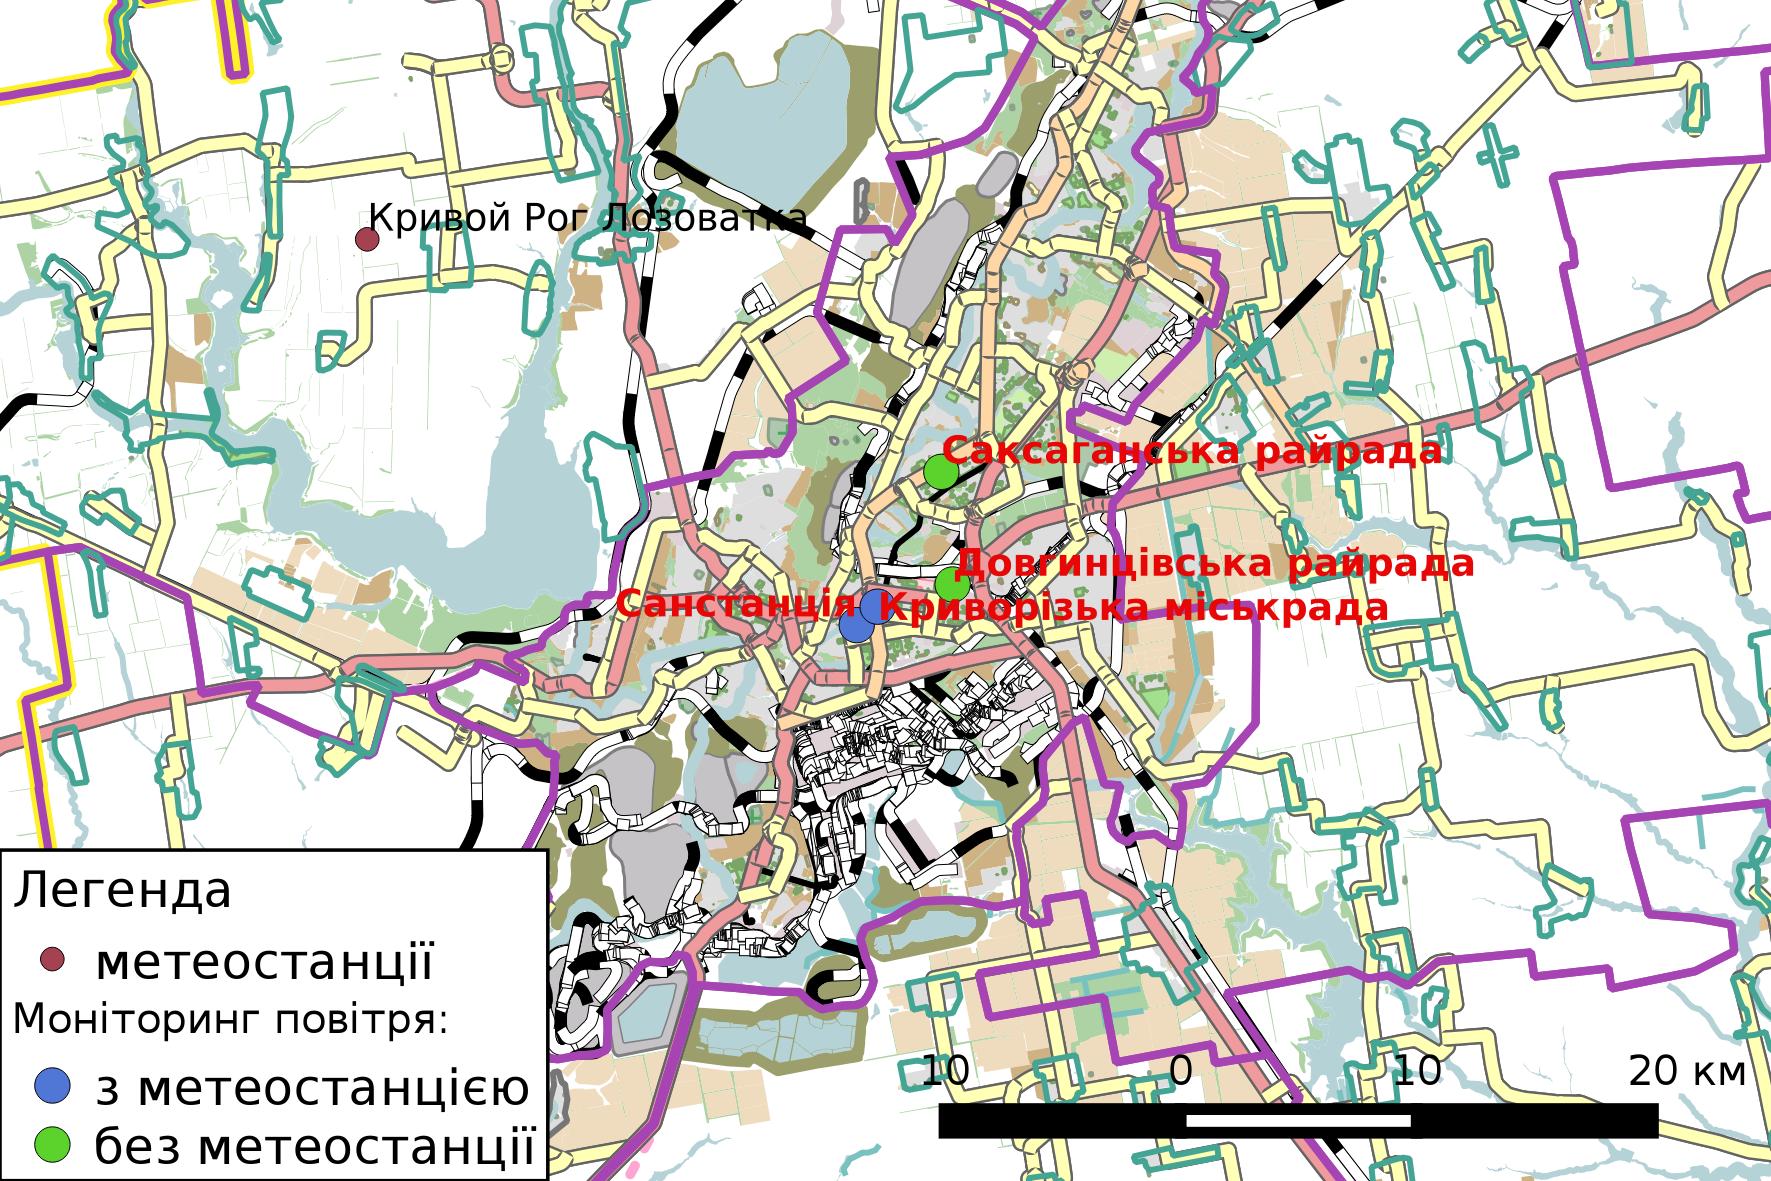 Схема розташування автоматизованих станцій